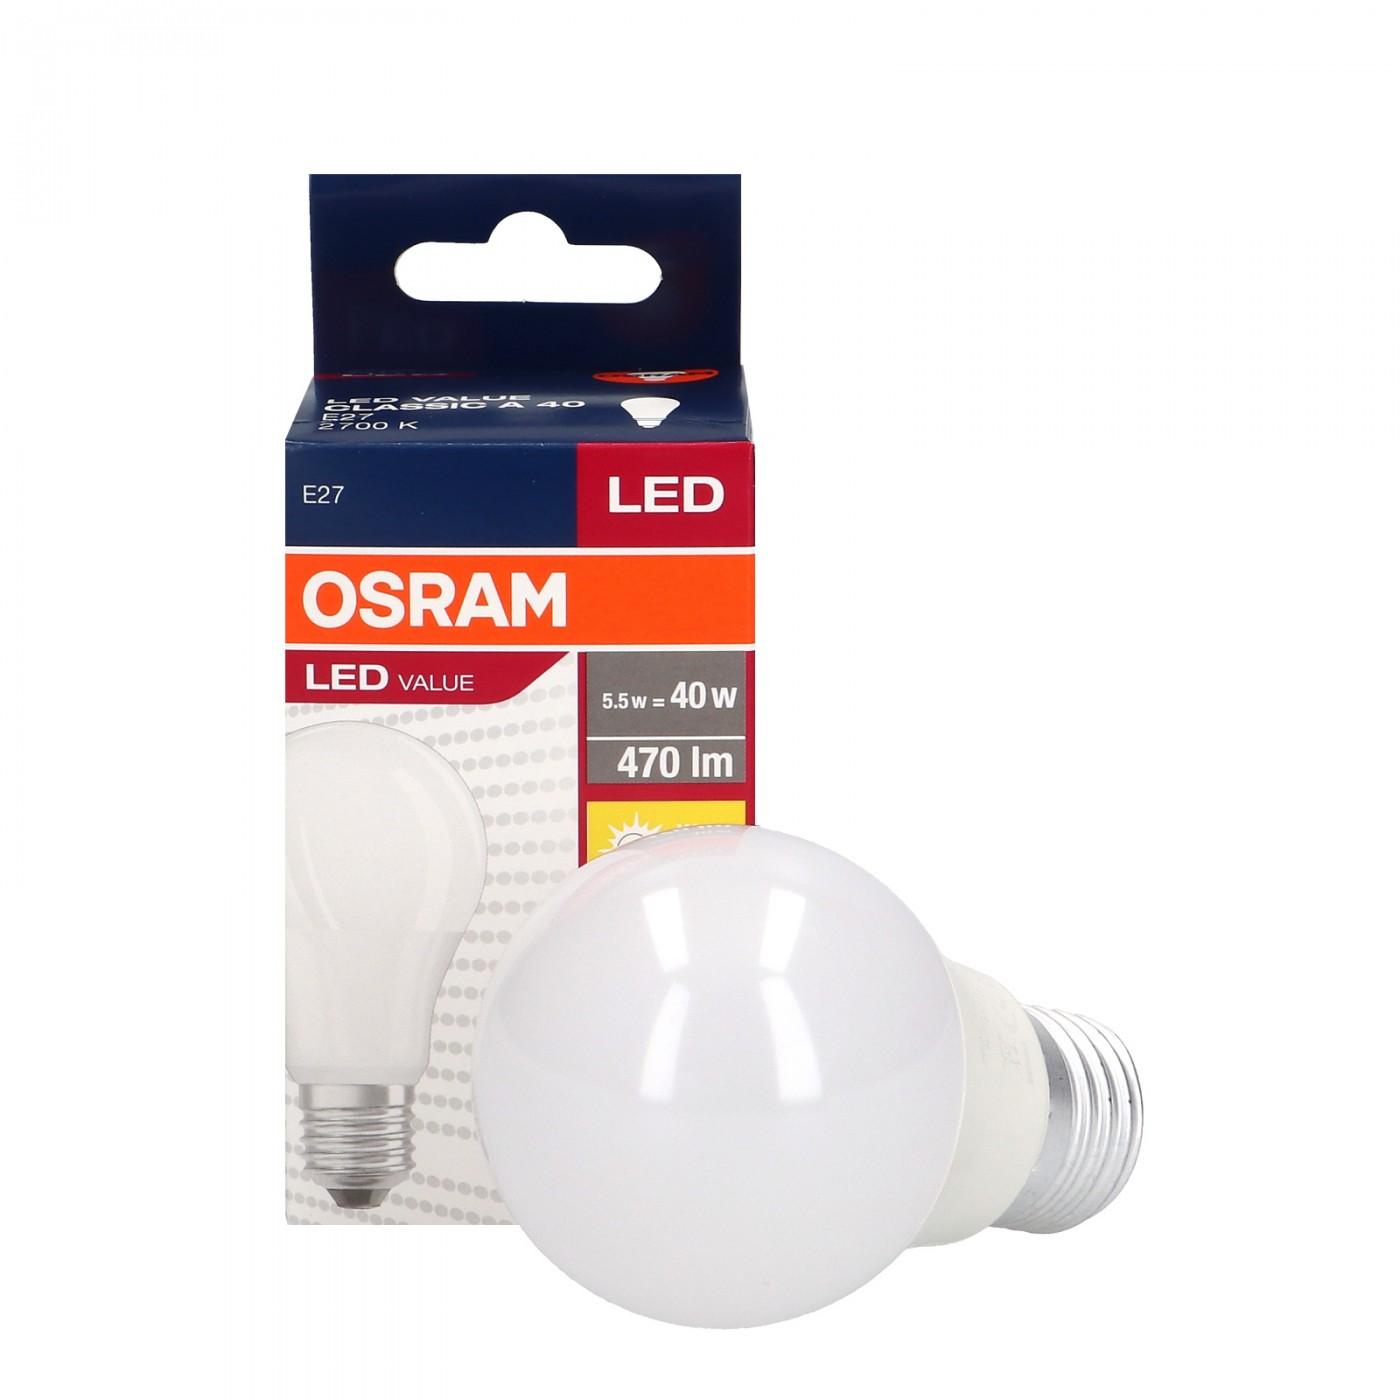 Value Classic 5.5W E27 A40 FR OSRAM Lighting